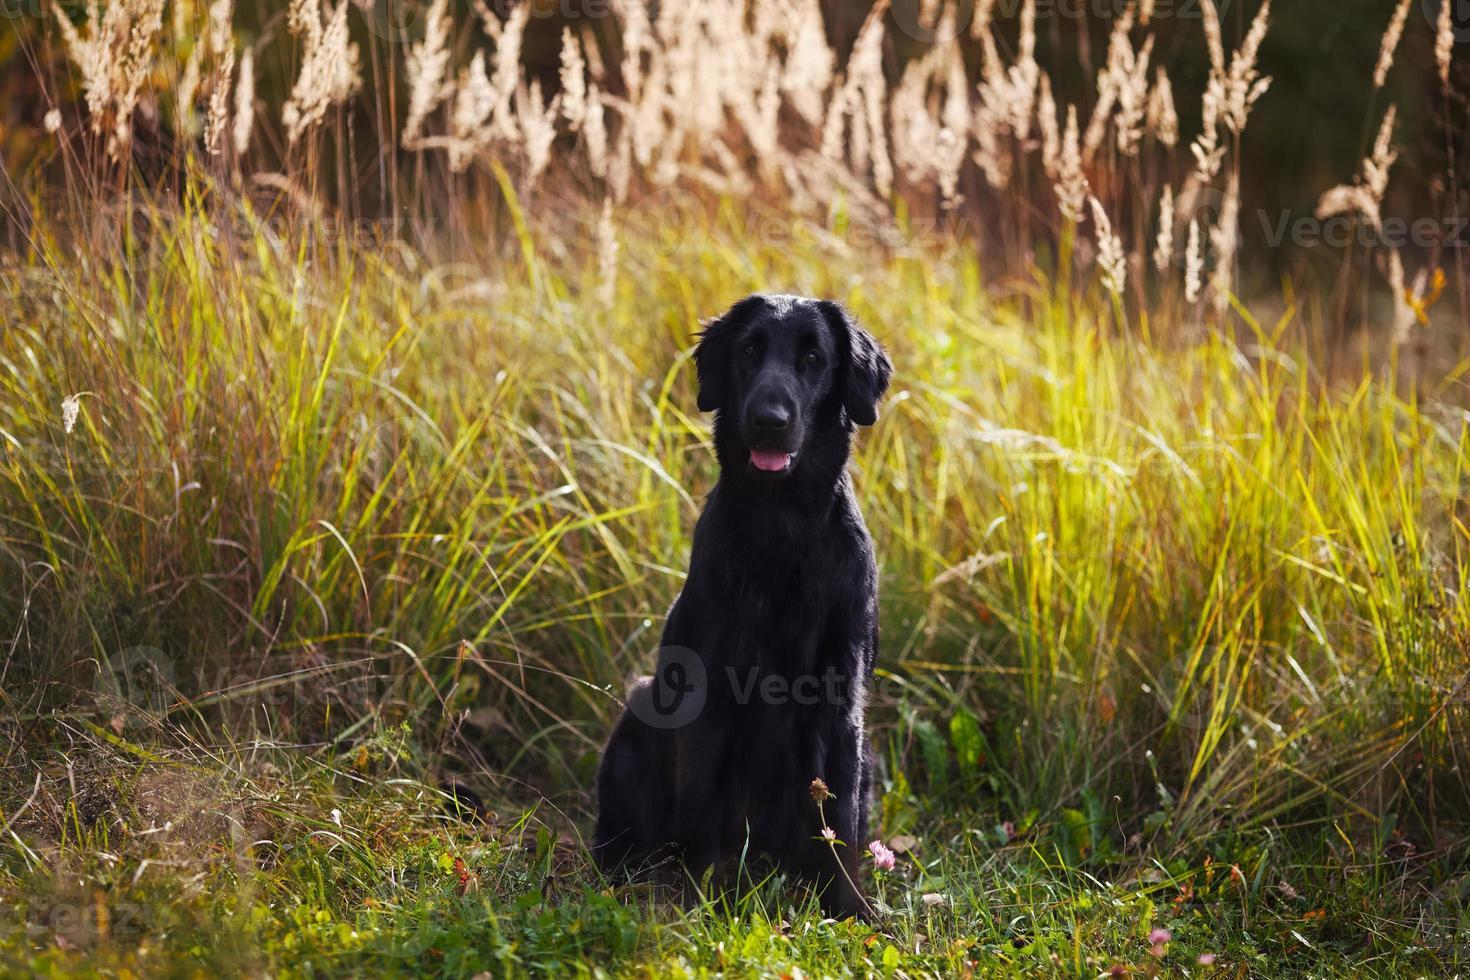 svart retriever sitter mitt i högt gräs foto